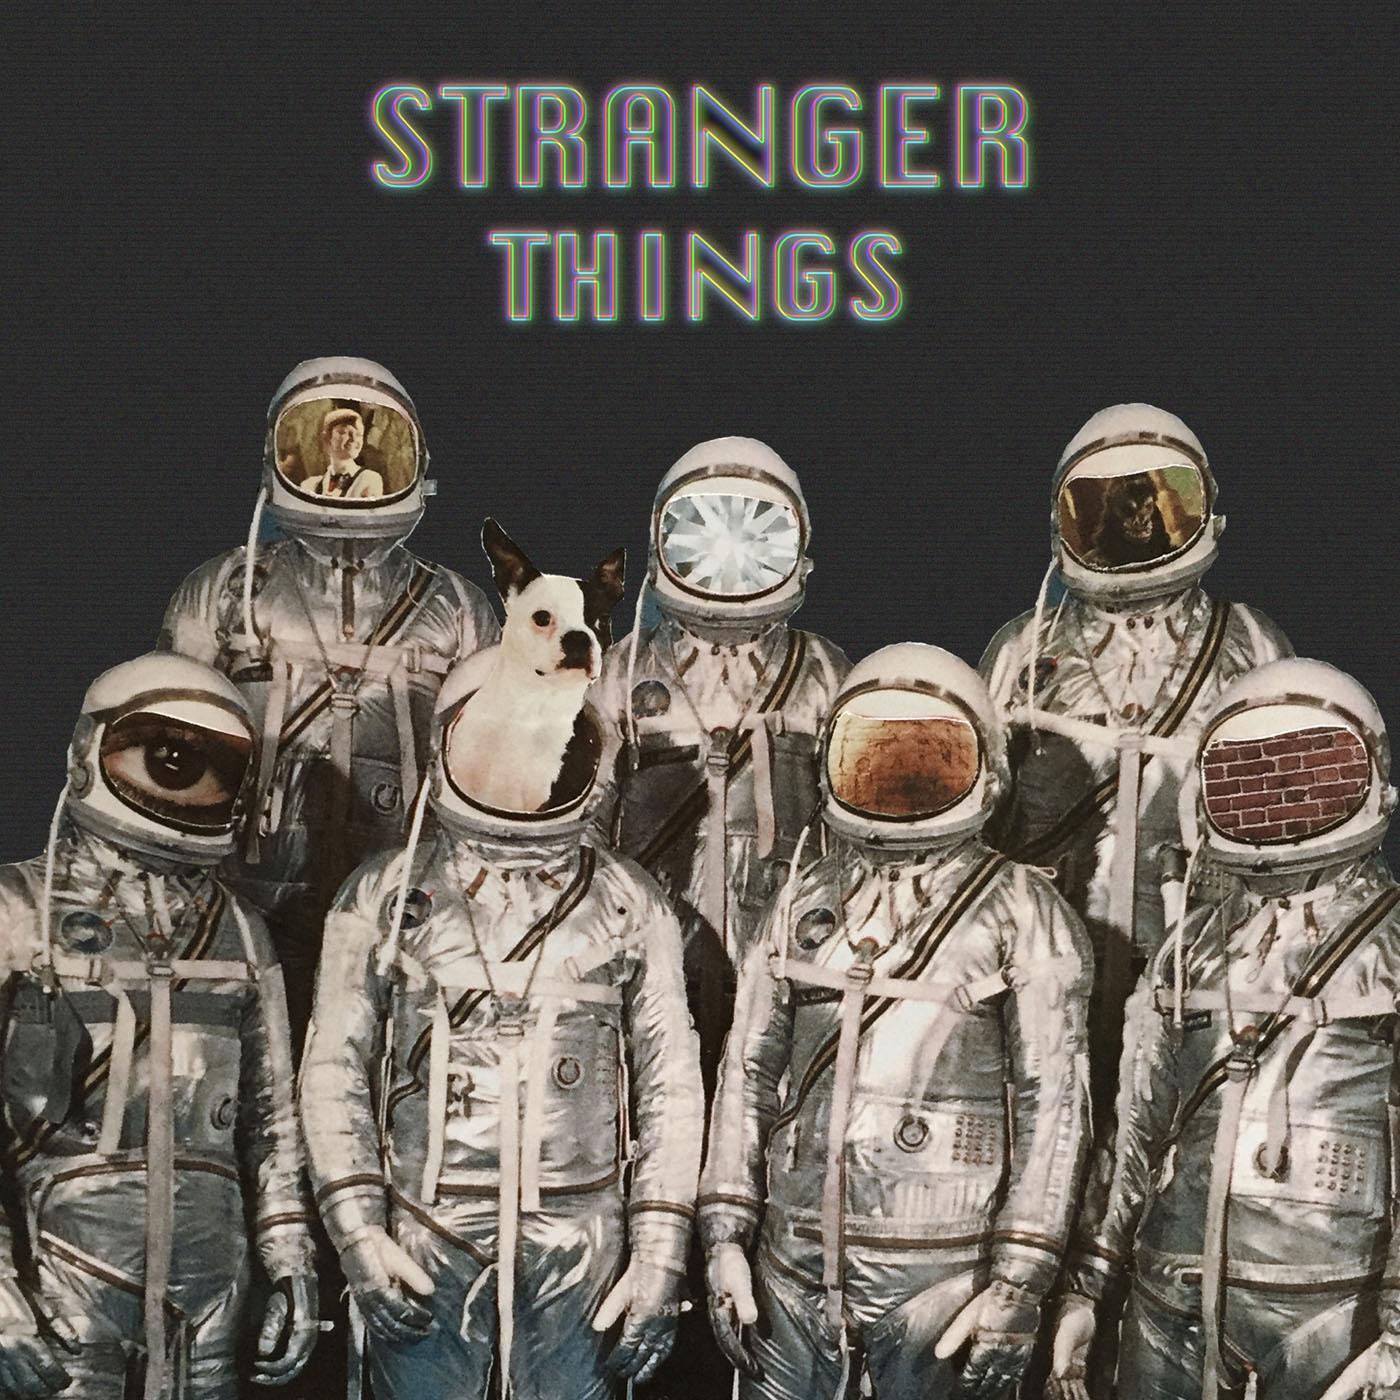 STRANGER THINGS ARTWORK.jpg